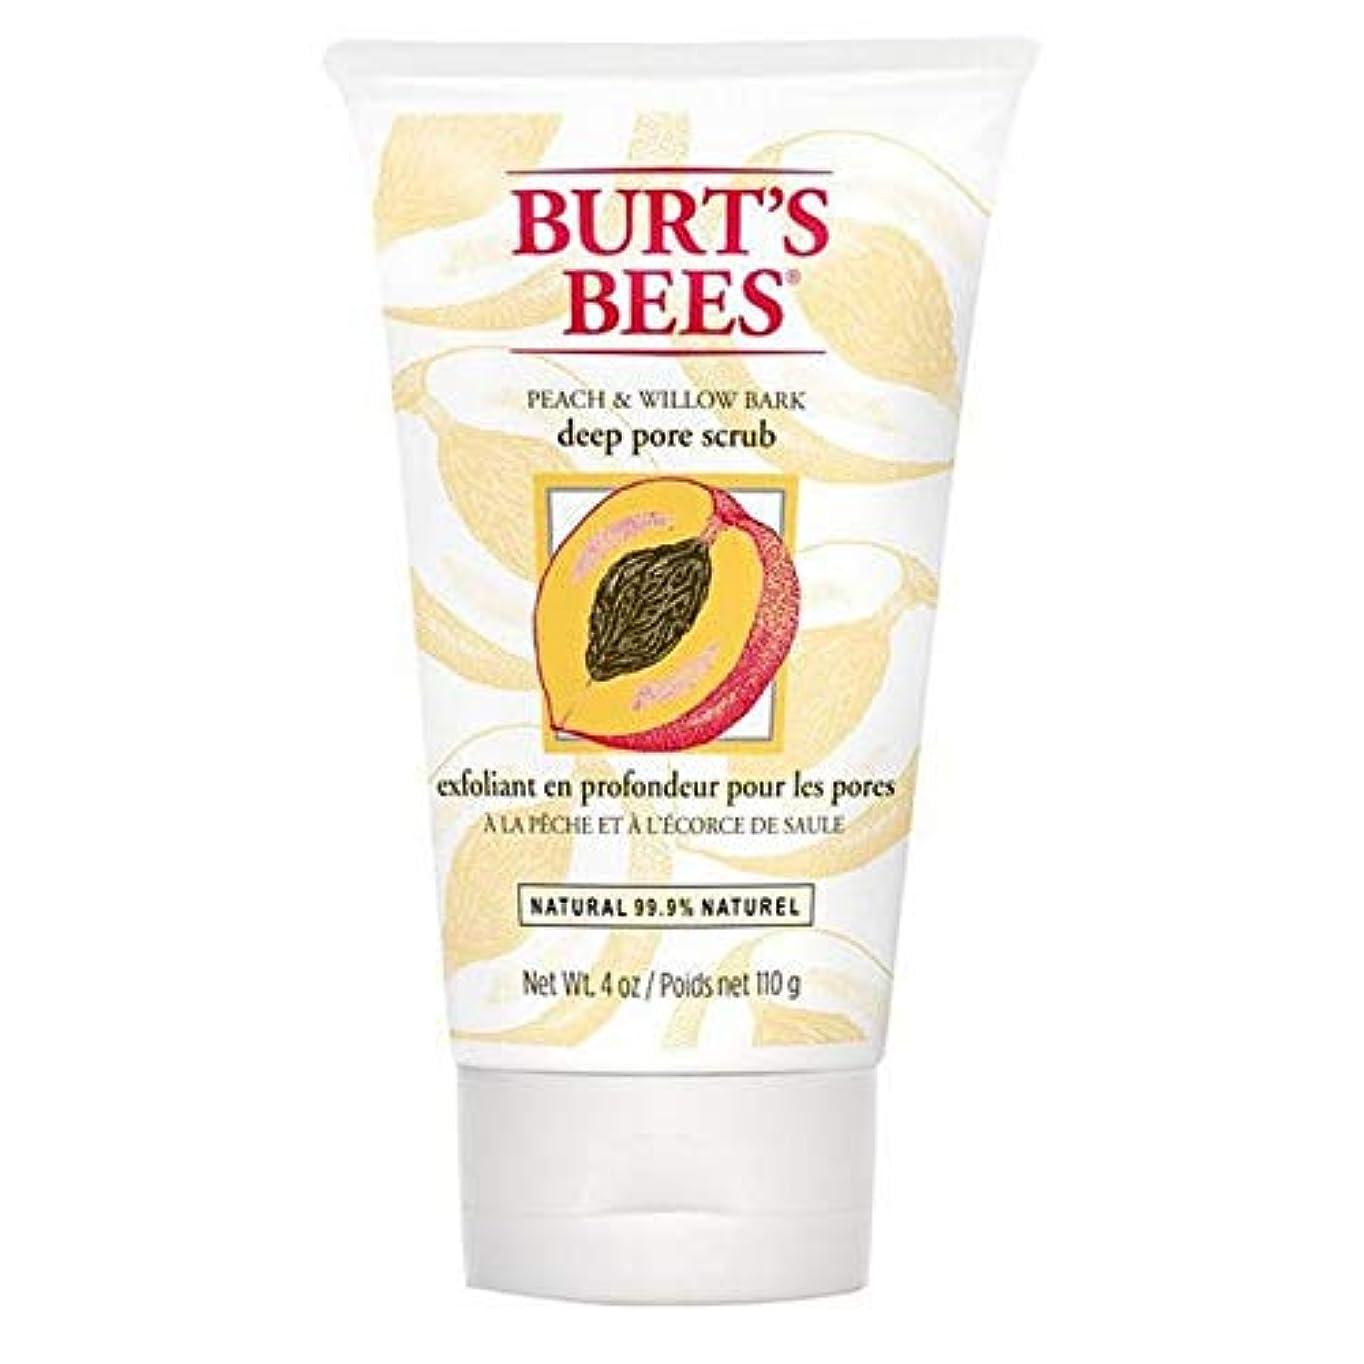 返還すり減るすなわち[Burt's Bees] バーツビーの桃とWillowbark深いポアスクラブ110グラム - Burt's Bees Peach and Willowbark Deep Pore Scrub 110g [並行輸入品]